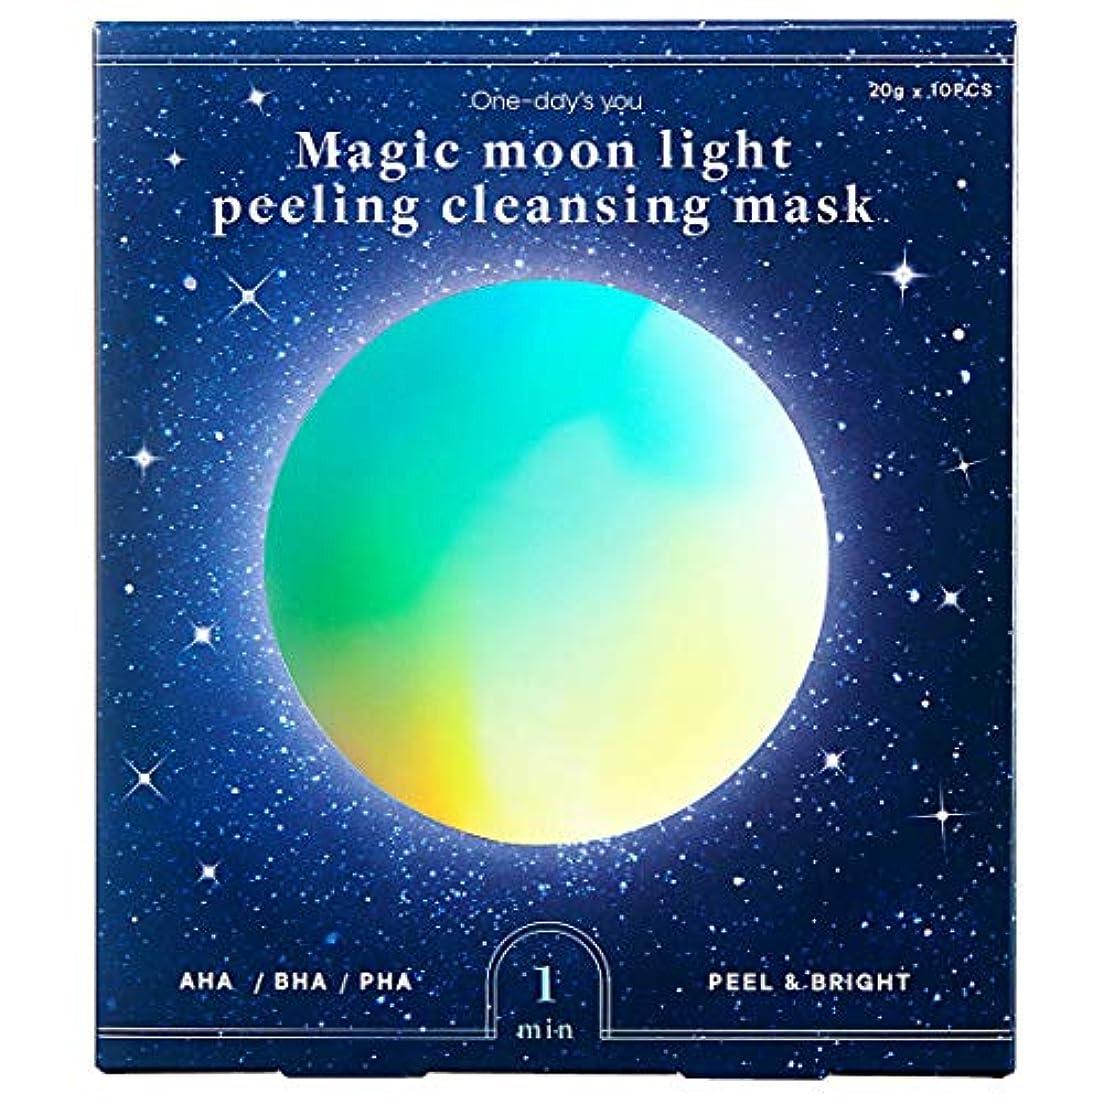 国民投票パキスタン椅子One day's you [ワンデイズユー ] マジック ムーンライト ピーリング クレンジング マスク/Magic Moonlight Peeling Cleansing Mask (20g*10ea) [並行輸入品]